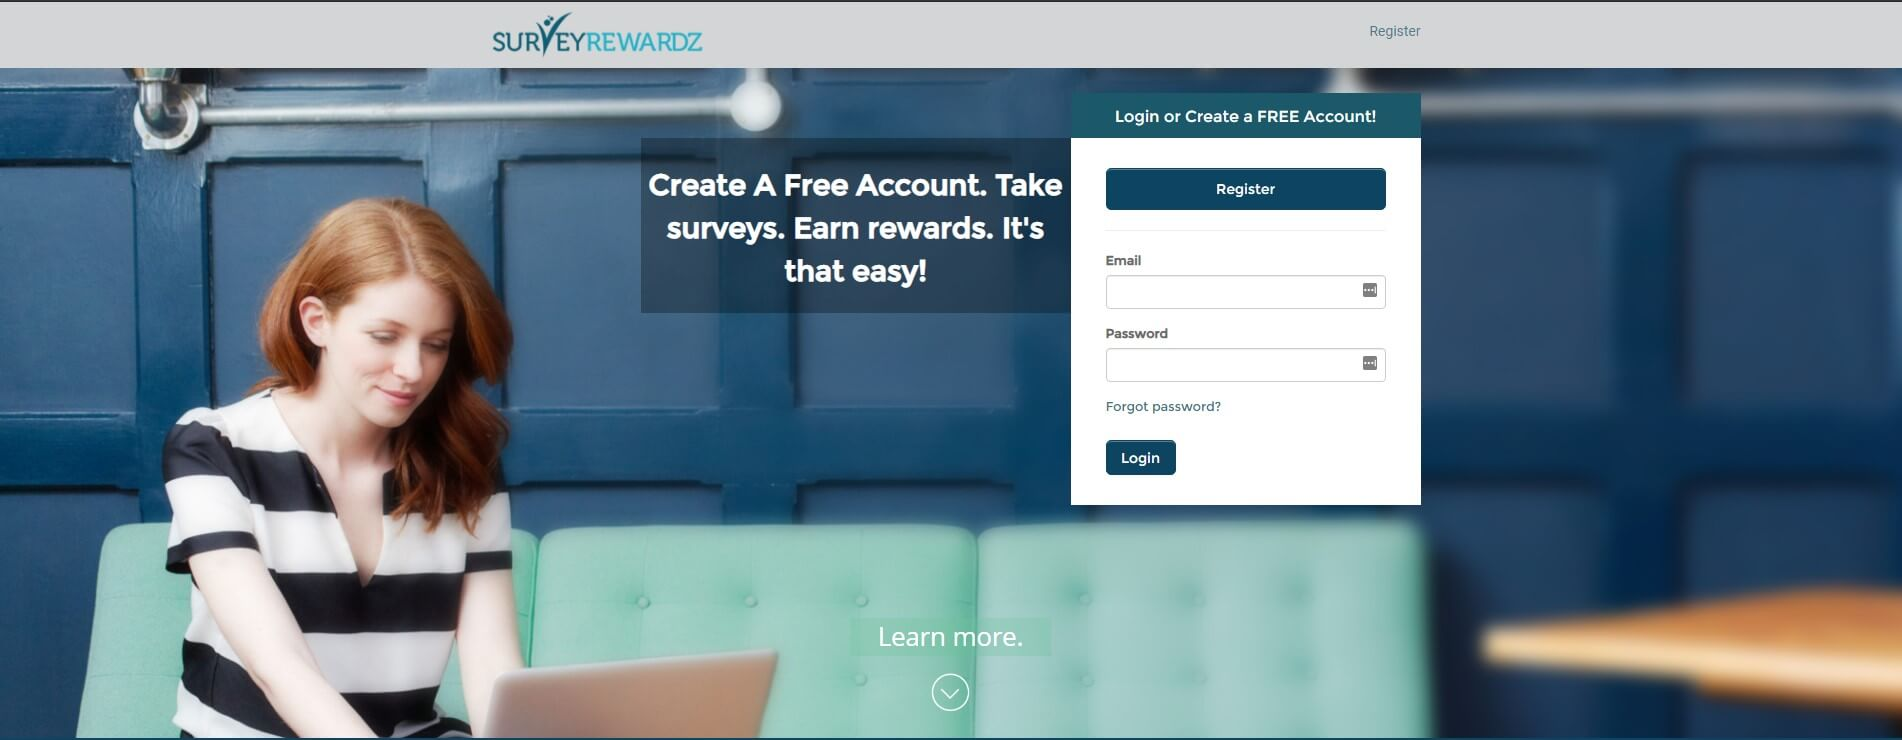 weboldal az opciókkal való pénzkereséshez bináris opciós kereskedelem áttekintése